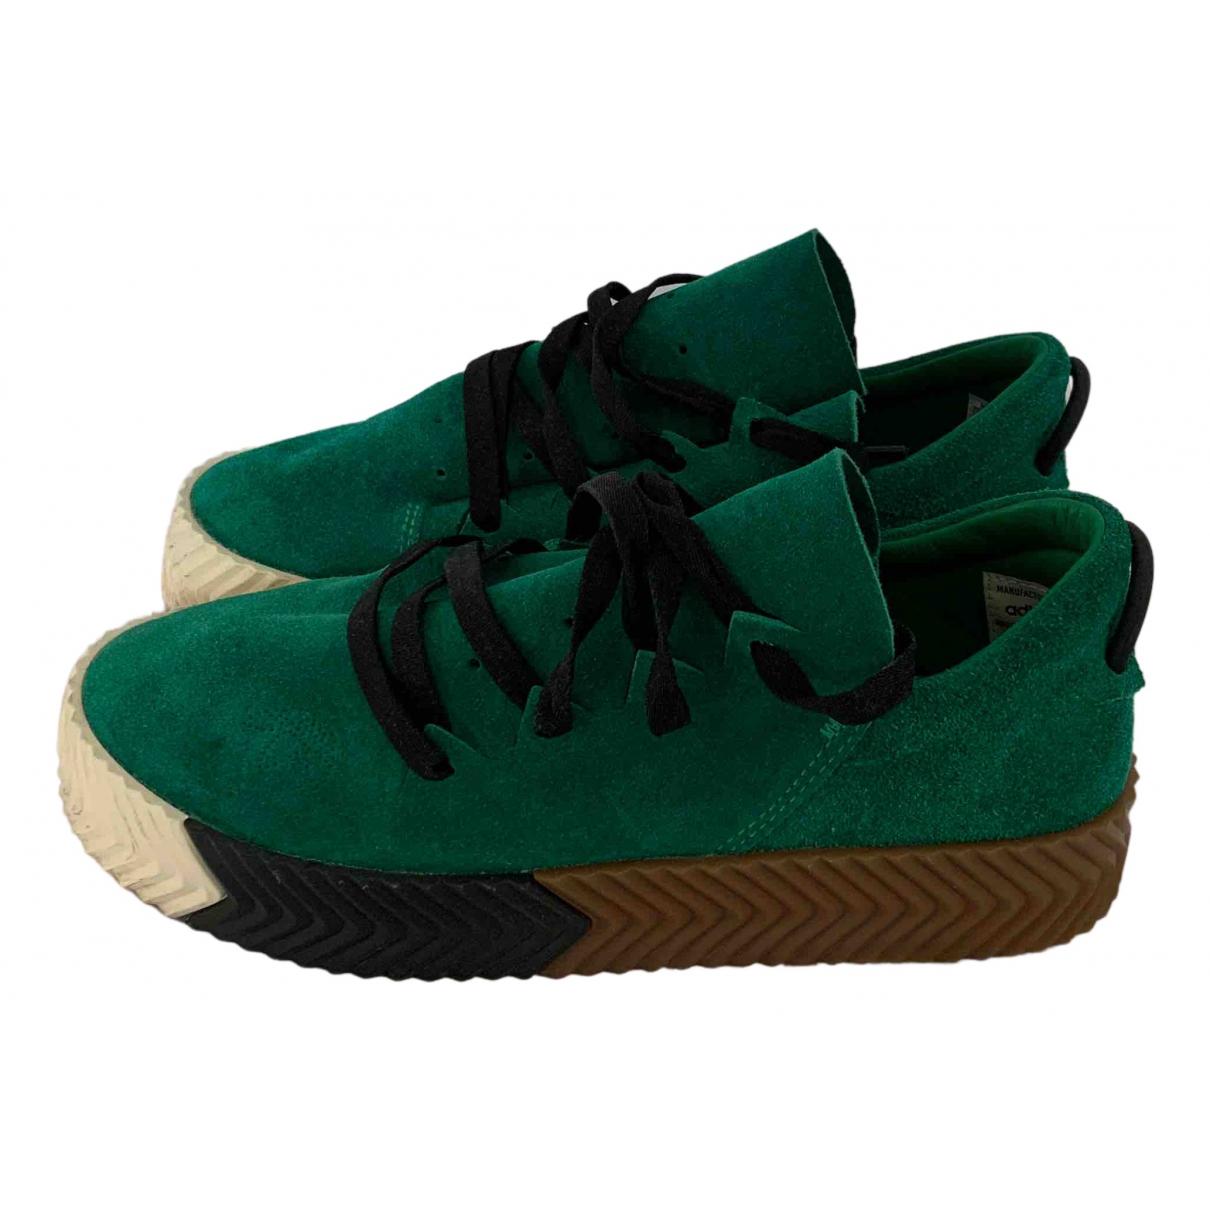 Adidas Originals X Alexander Wang - Baskets   pour femme en suede - vert